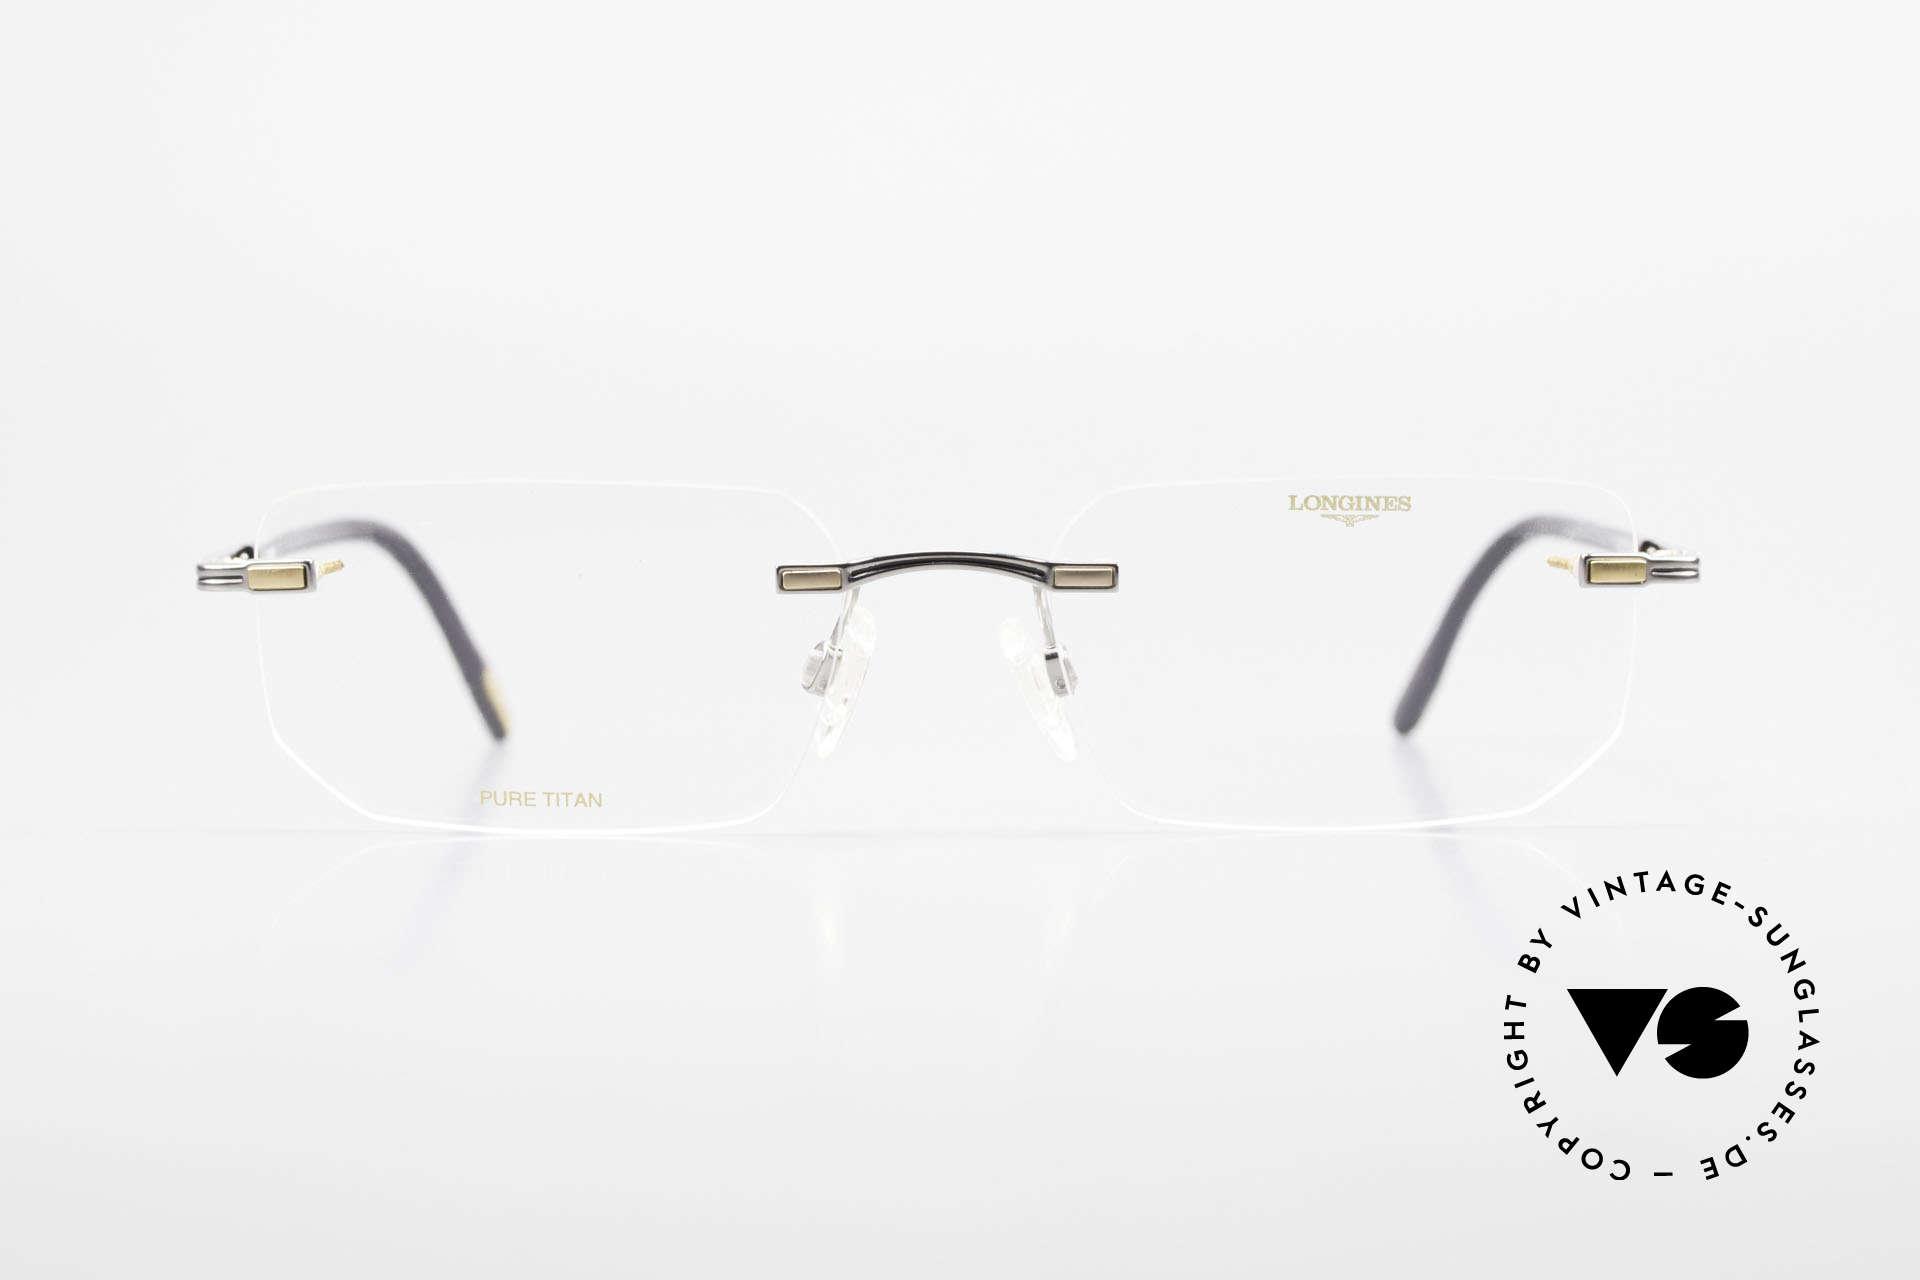 Longines 4238 Randlose 90er Brille Herren, komplette Fassung mit vielen kleinen Qualitäts-Details, Passend für Herren